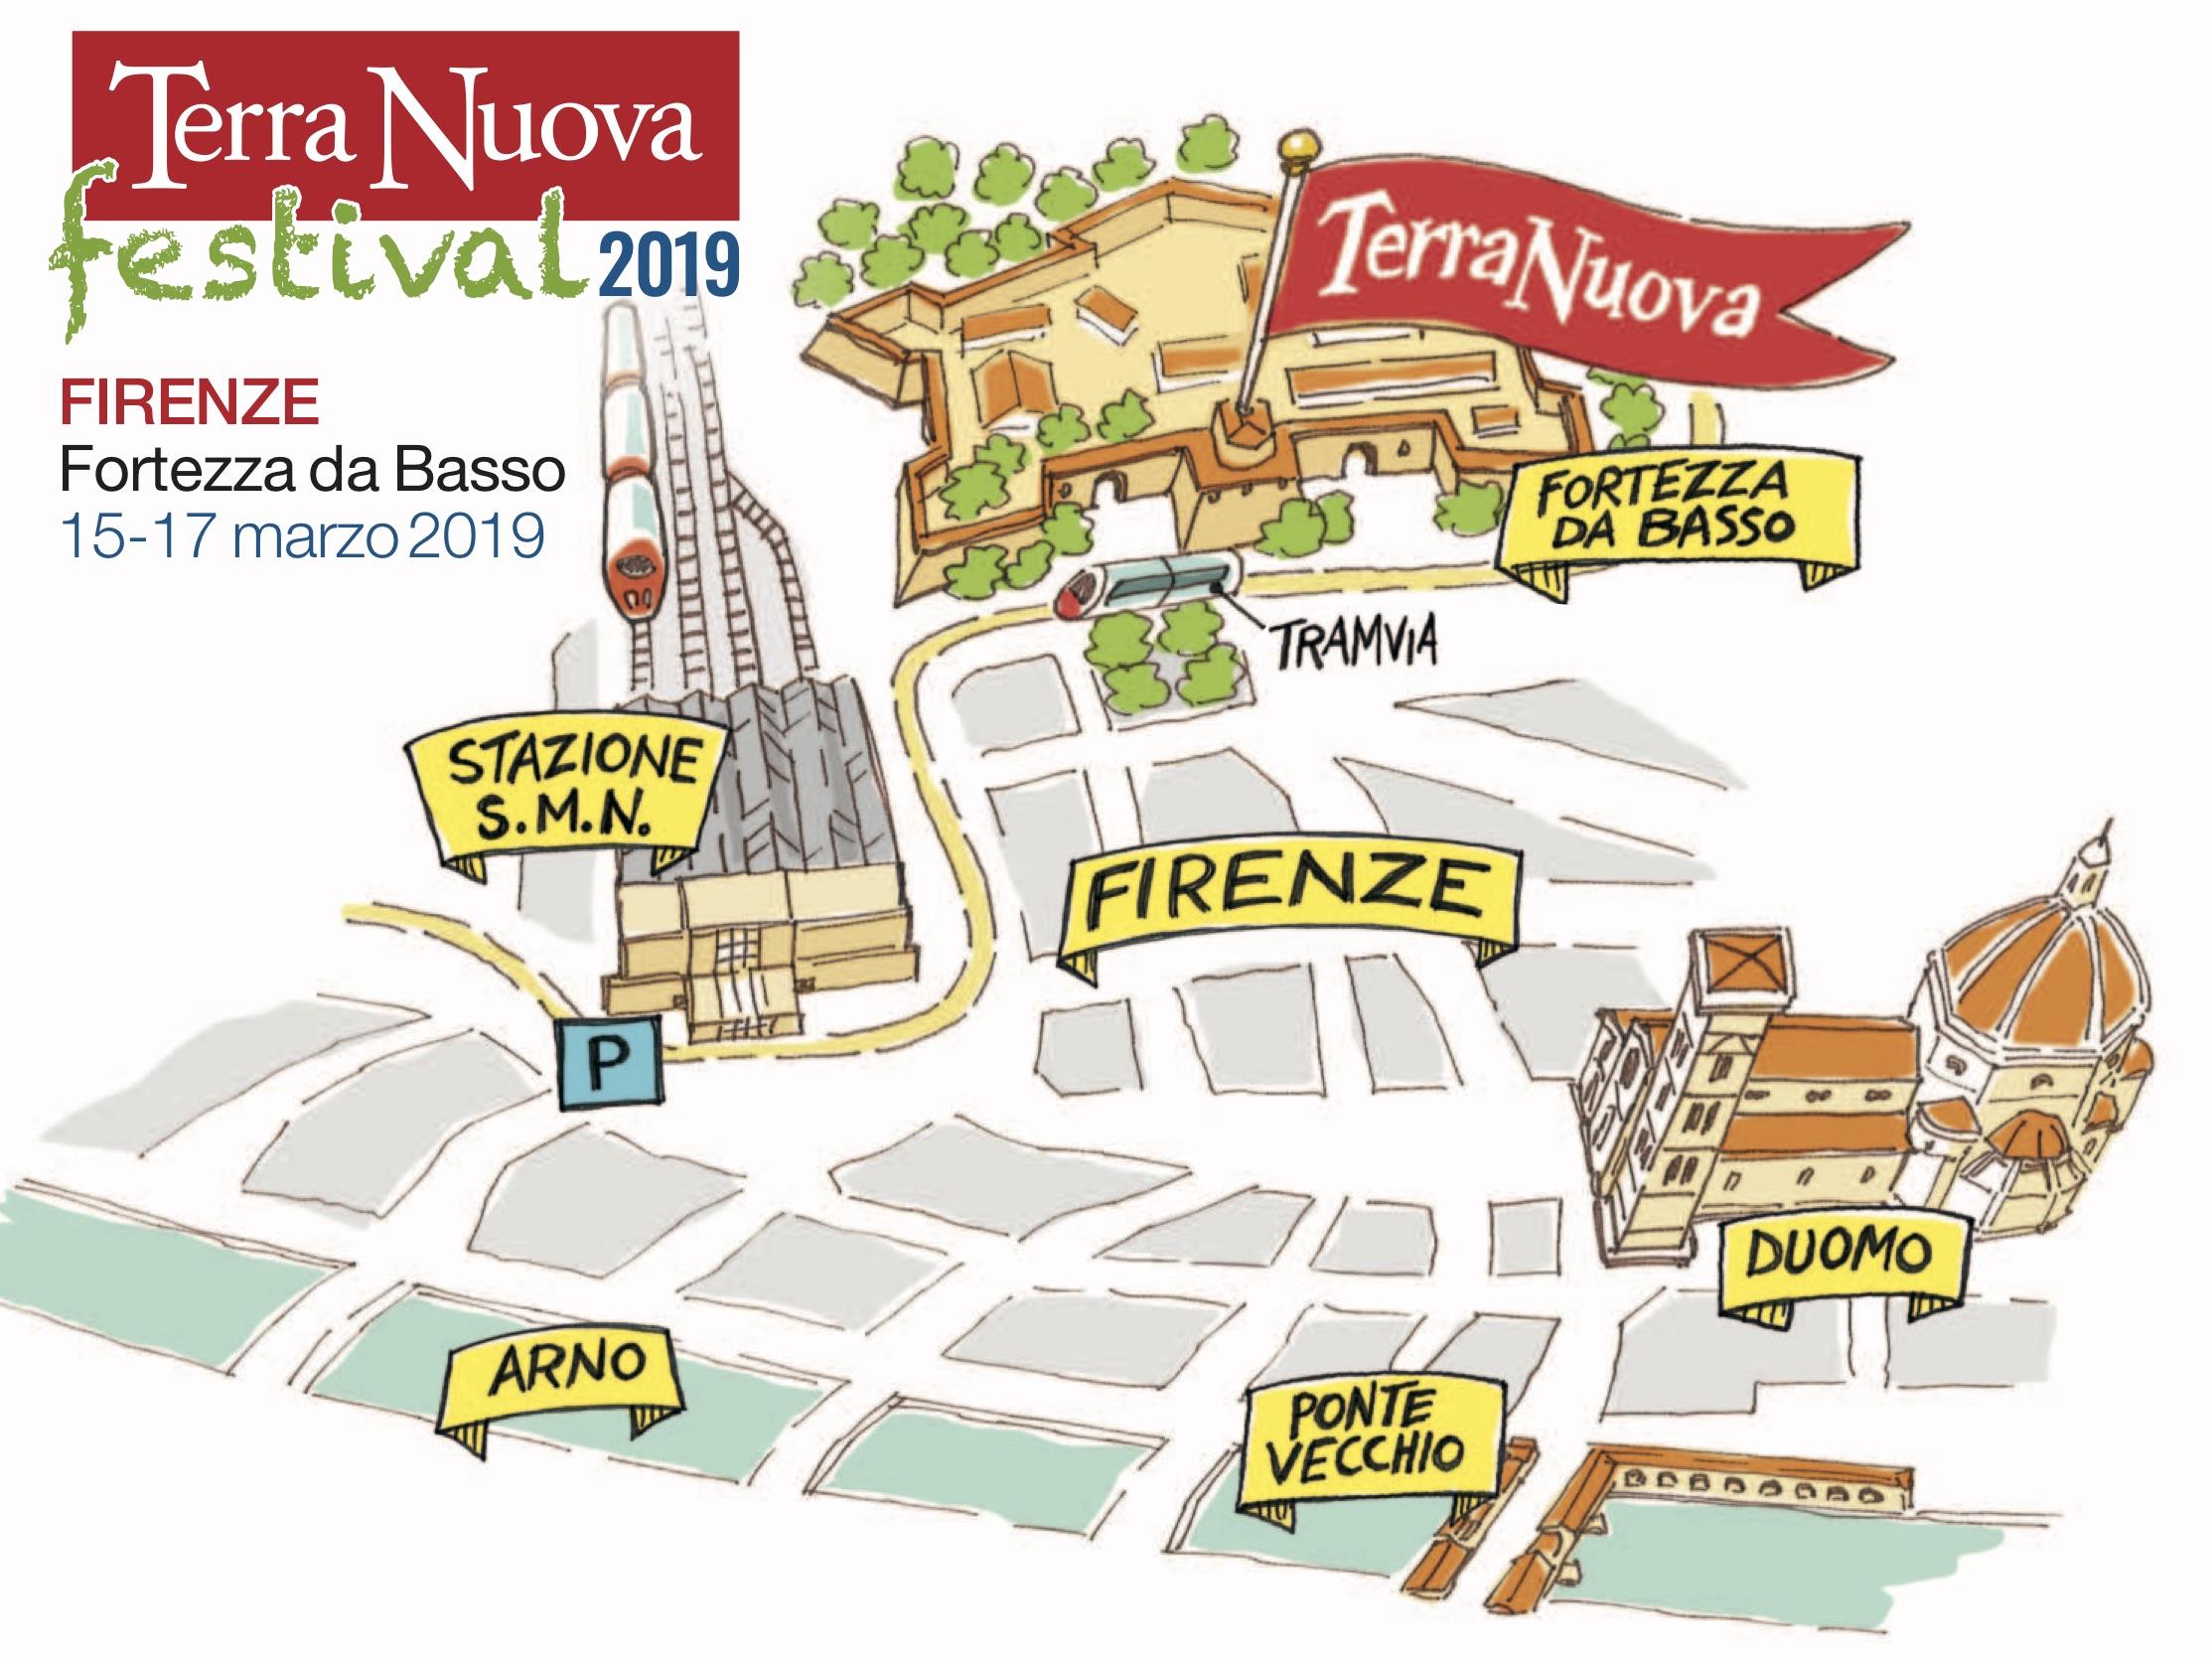 Risultati immagini per Firenze, dal 15 al 17 marzo 2019. Terra Nuova Festival